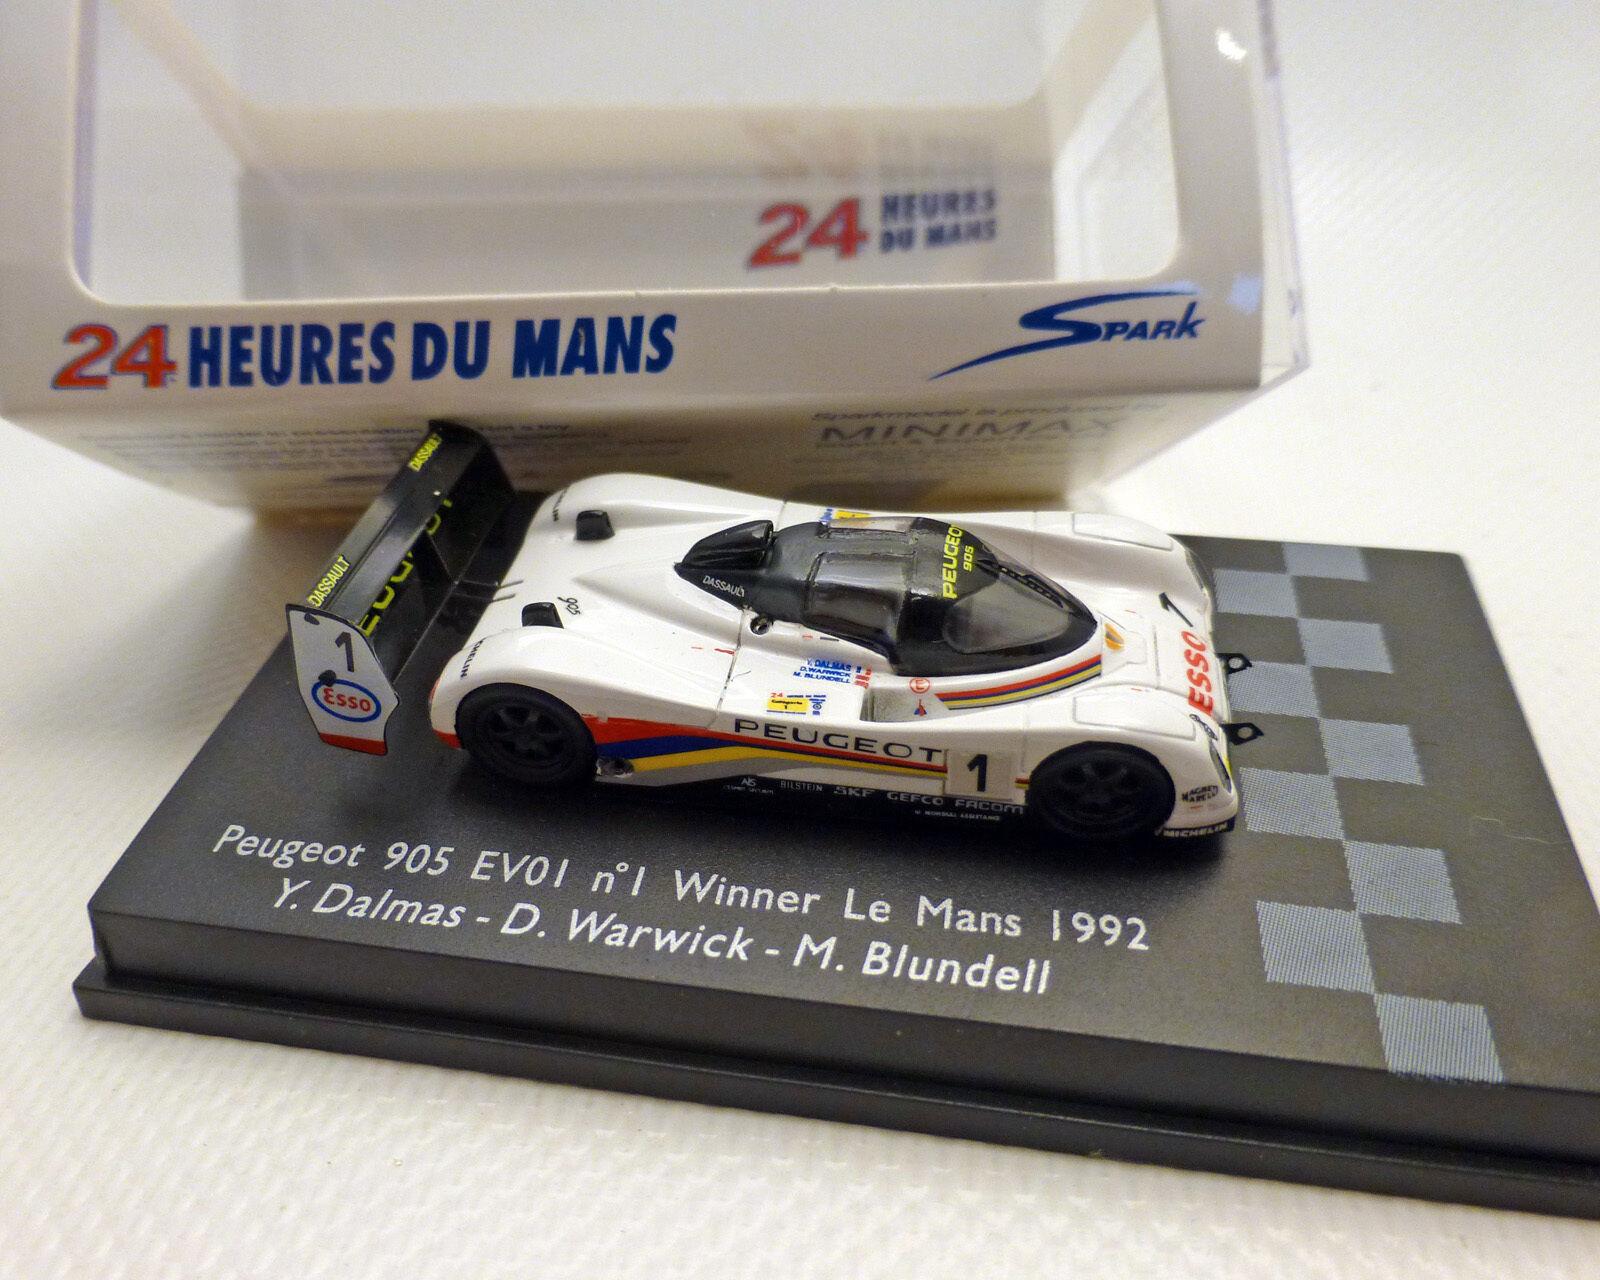 Peugeot 905 le Mans 1992, Spark, 1 87